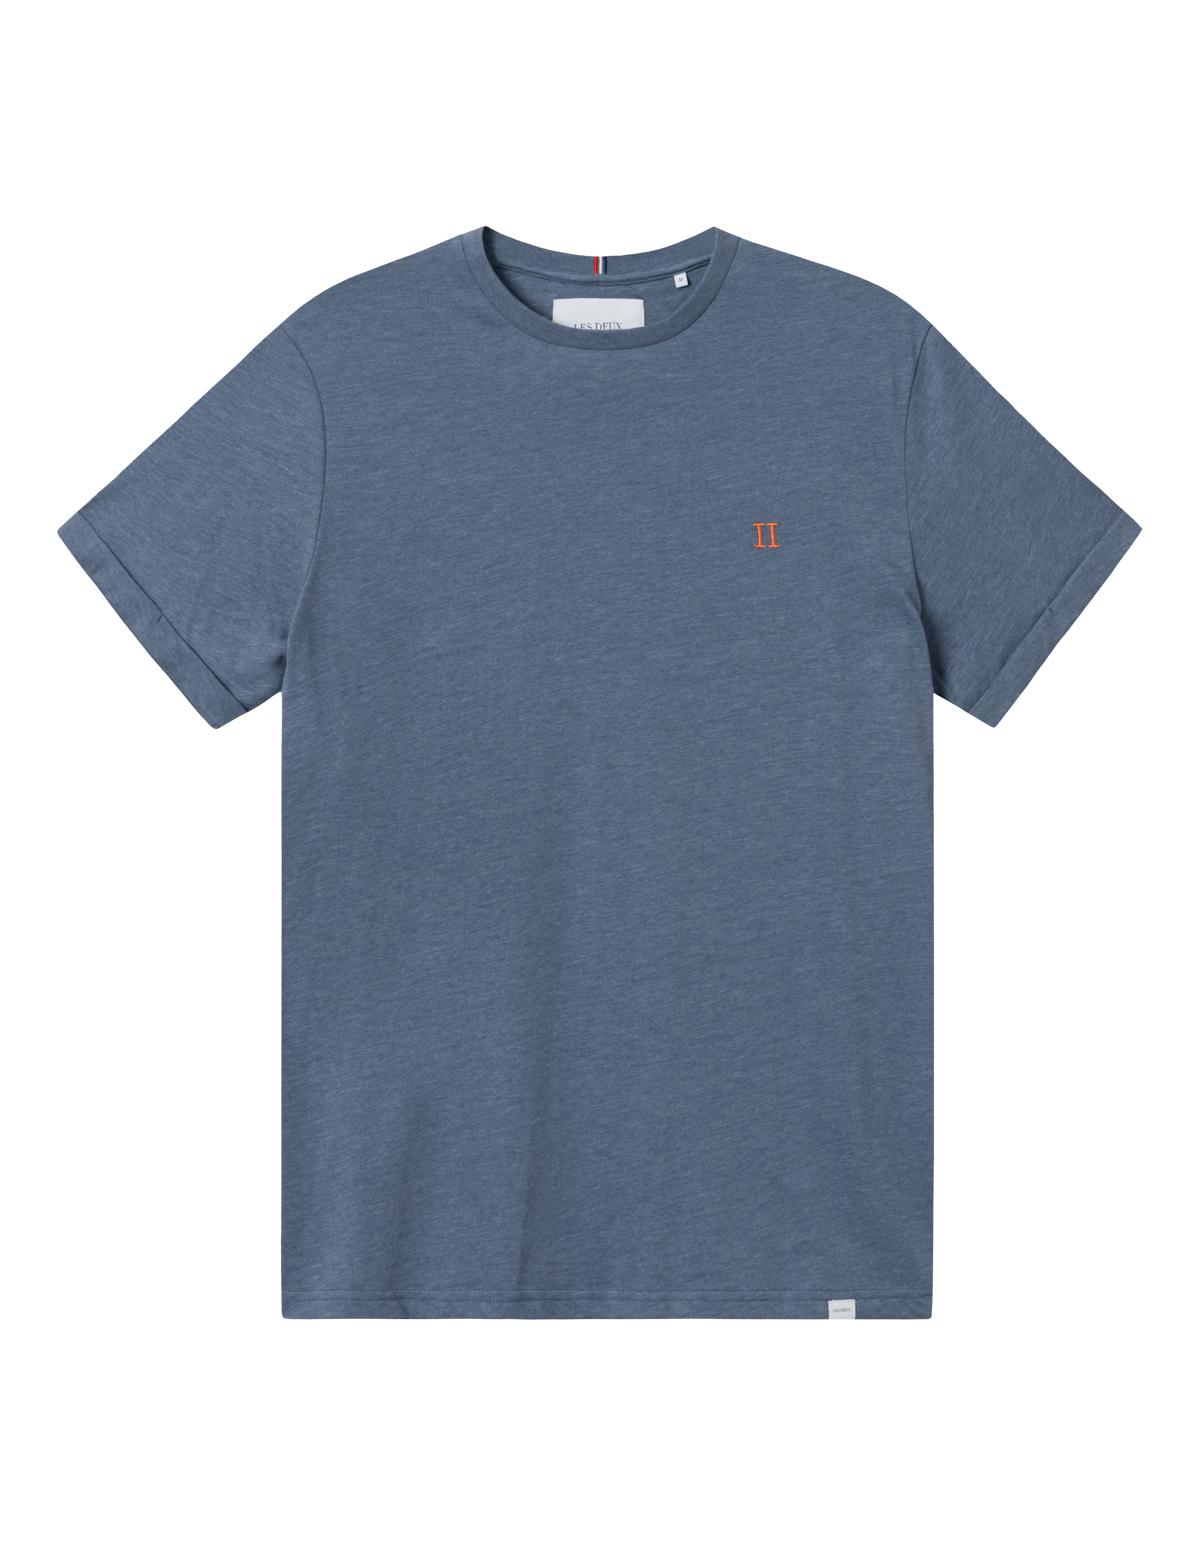 Les Deux Nørregaard t-shirt, china blue melange/orange, small